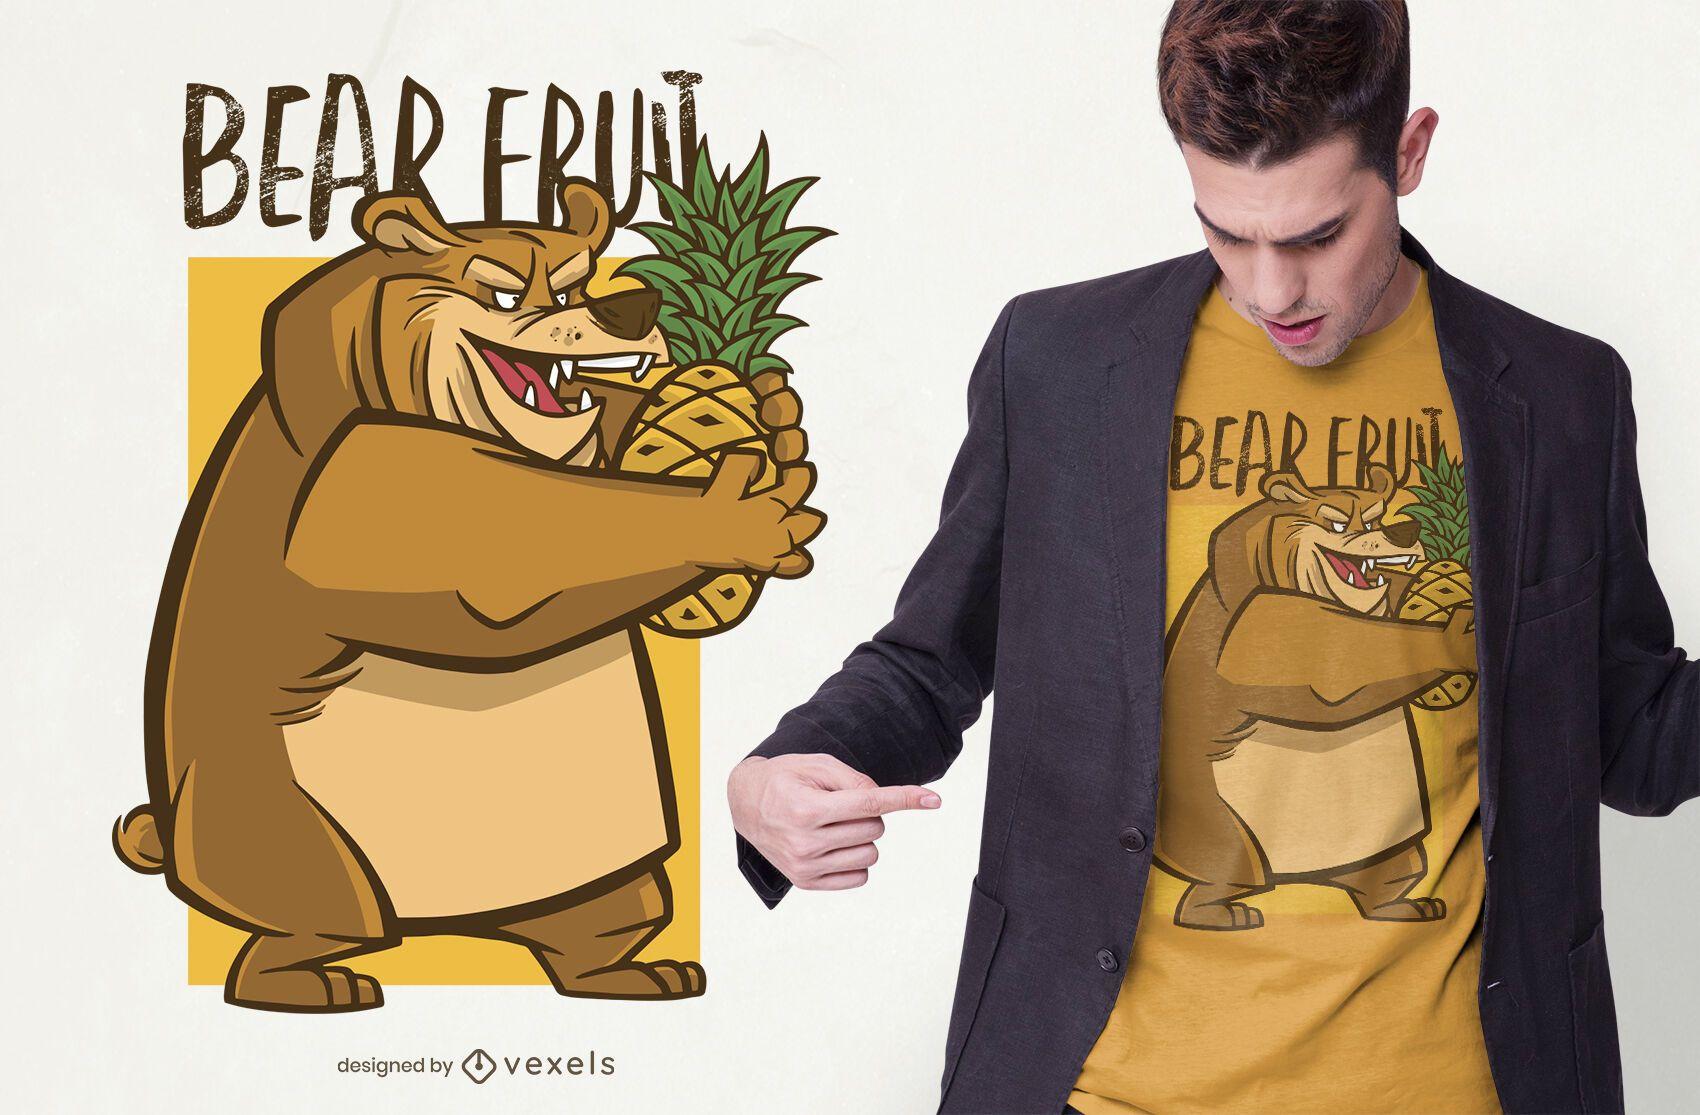 dise?o de camiseta de fruta de oso